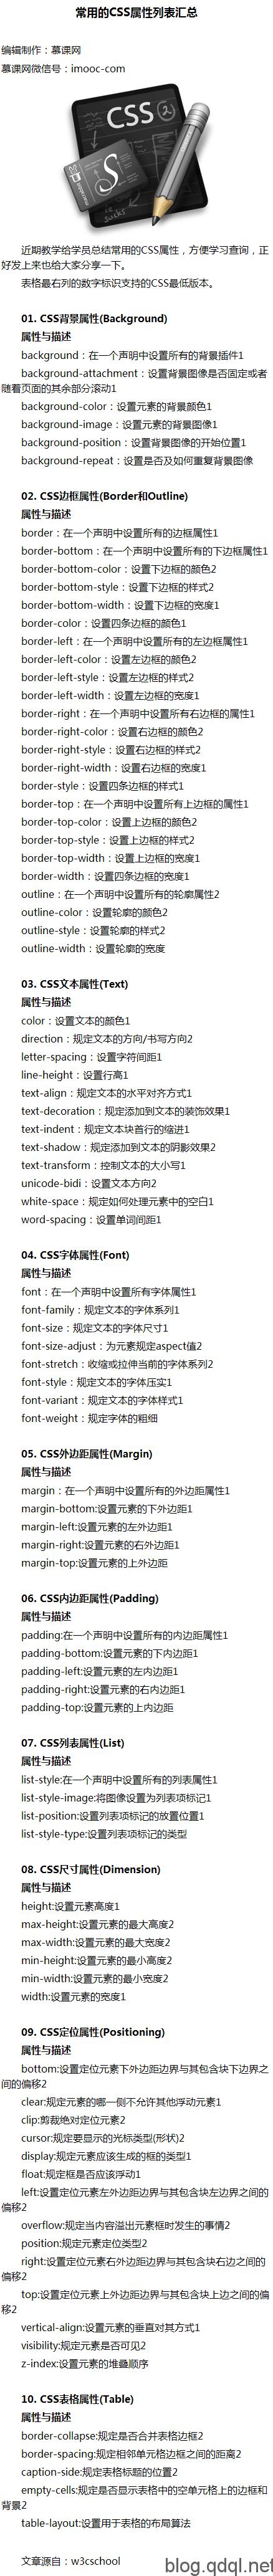 常用的CSS属性列表汇总